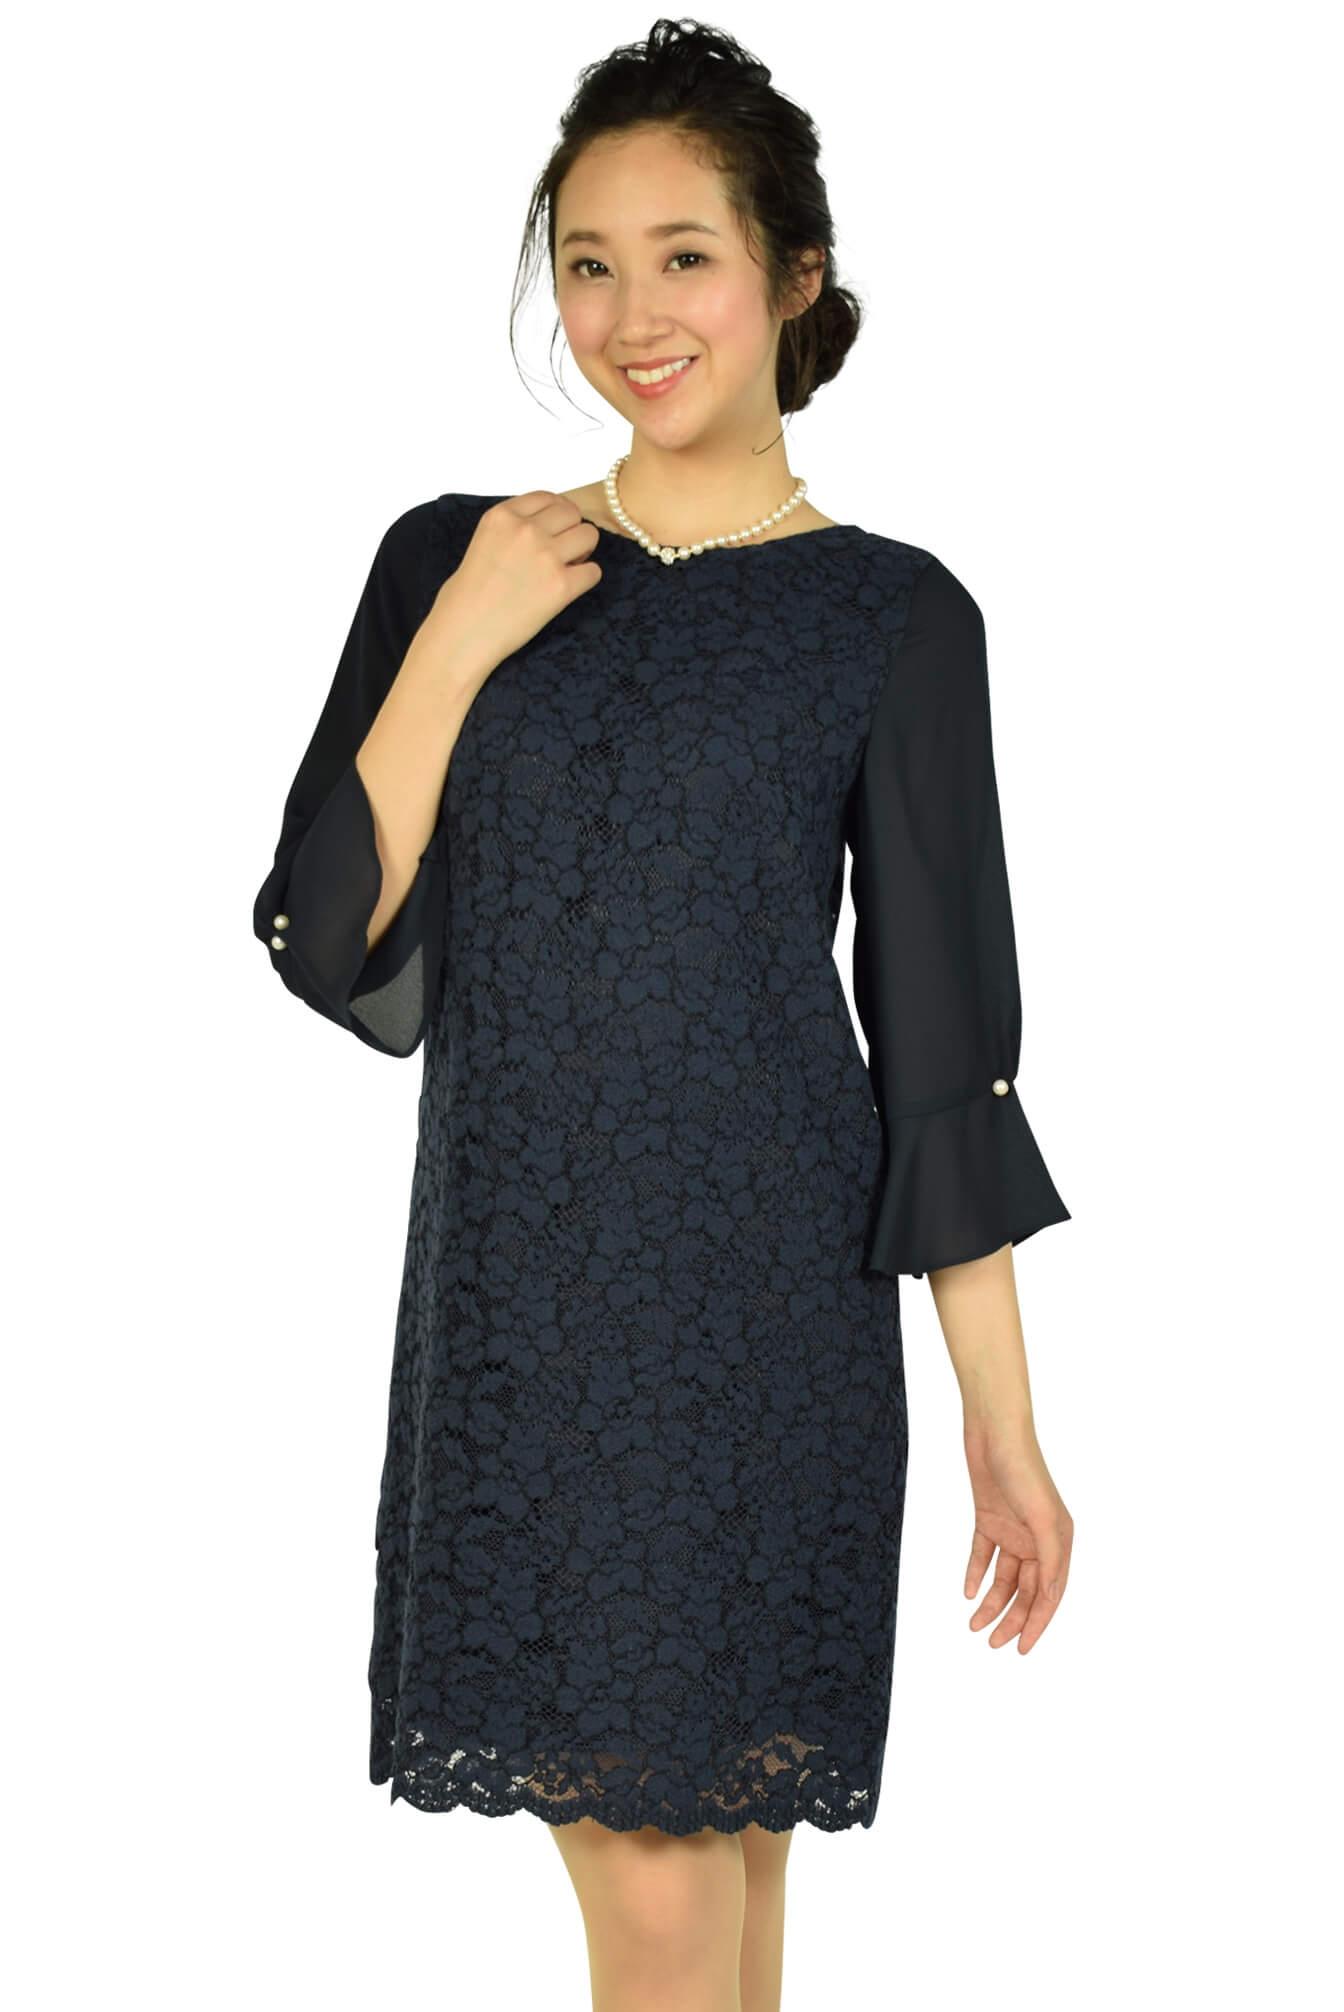 アプワイザー・リッシェ (Apuweiser-riche)7分袖チャーム付きネイビードレス